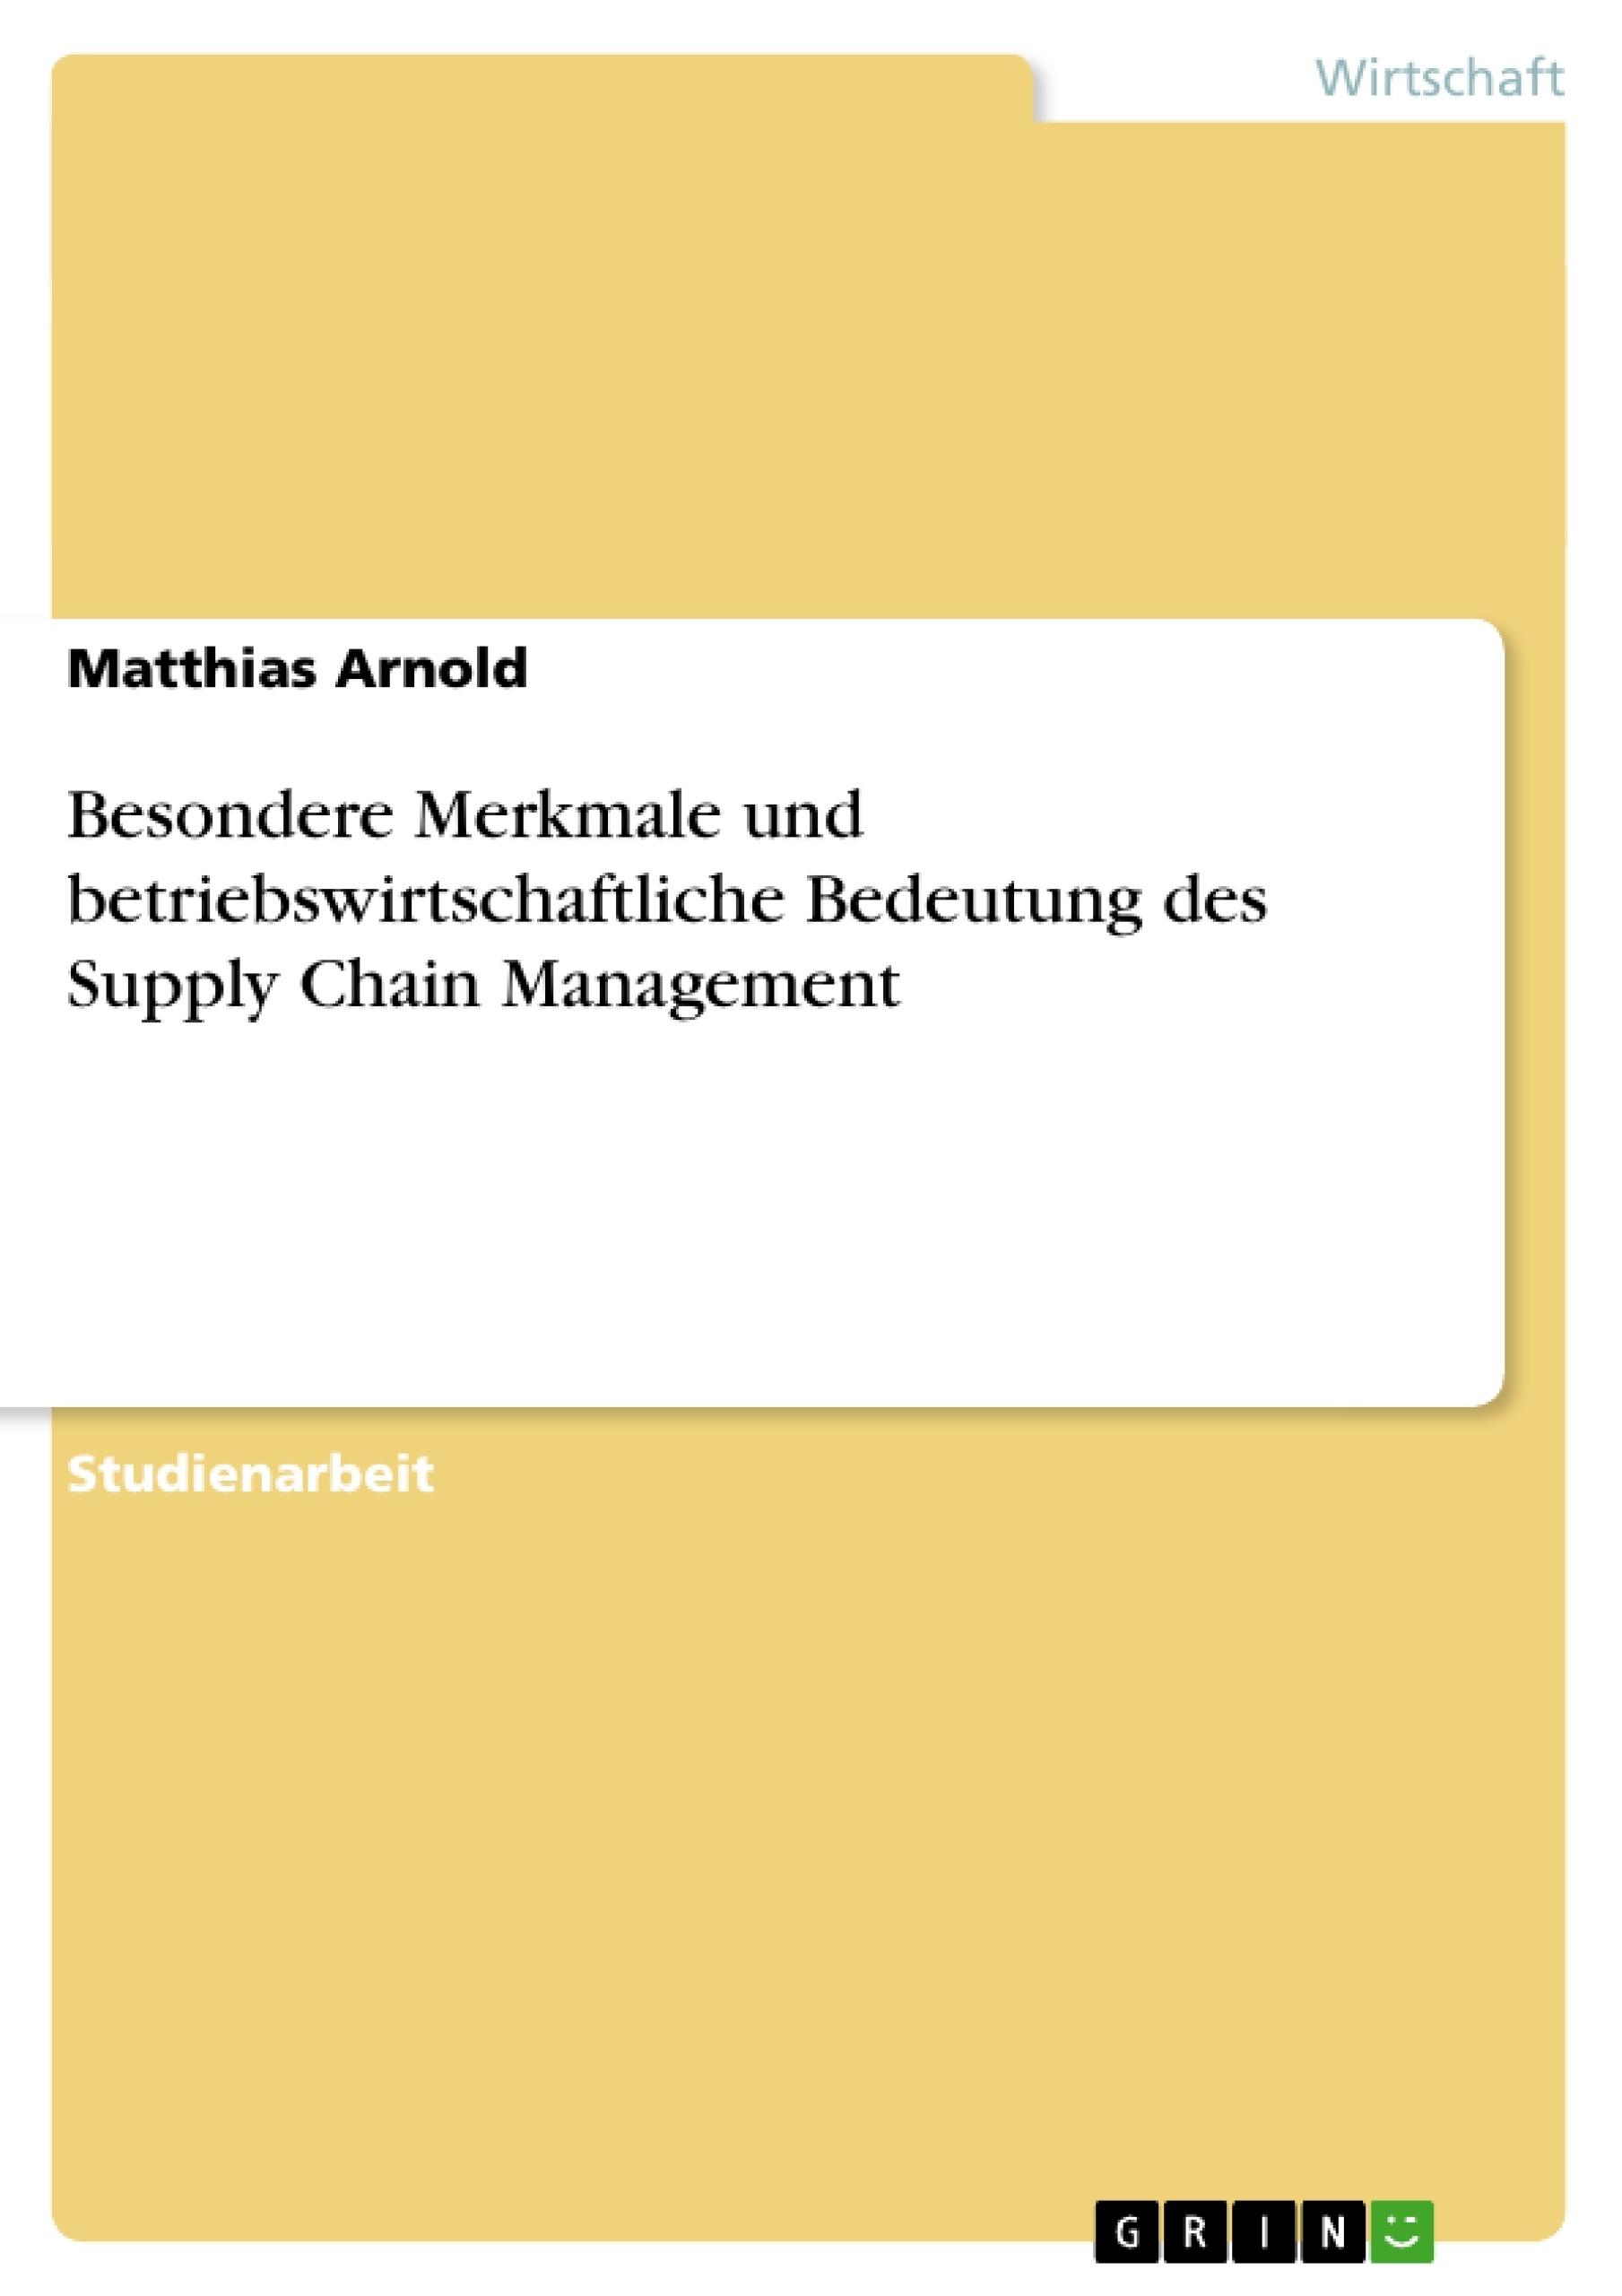 Titel: Besondere Merkmale und betriebswirtschaftliche Bedeutung des Supply Chain Management